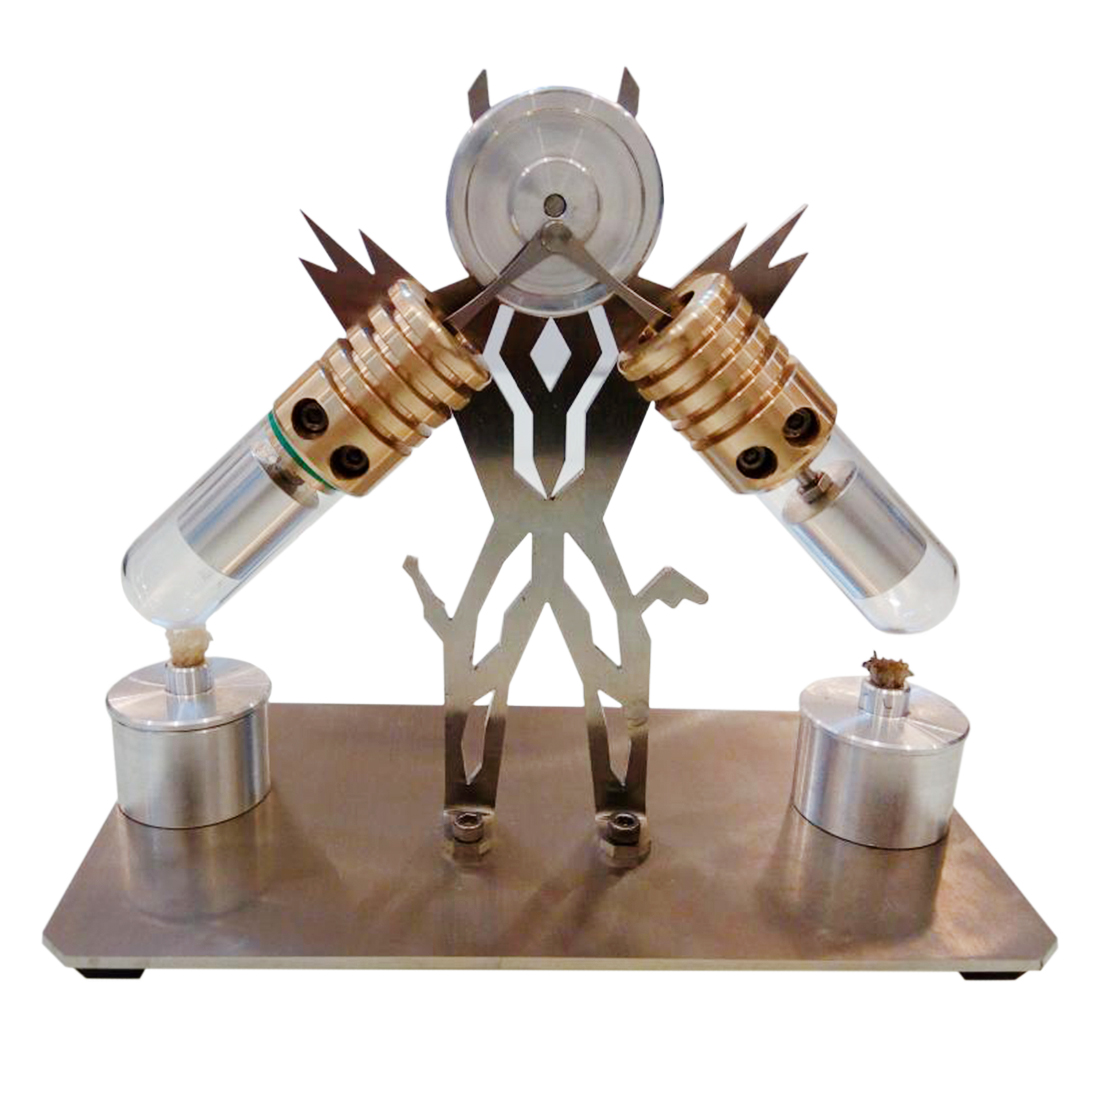 Machine en forme de V Superman modélisation Double cylindre modèle de moteur Stirling jouet pour enfant Science éducative modèle Kit de construction